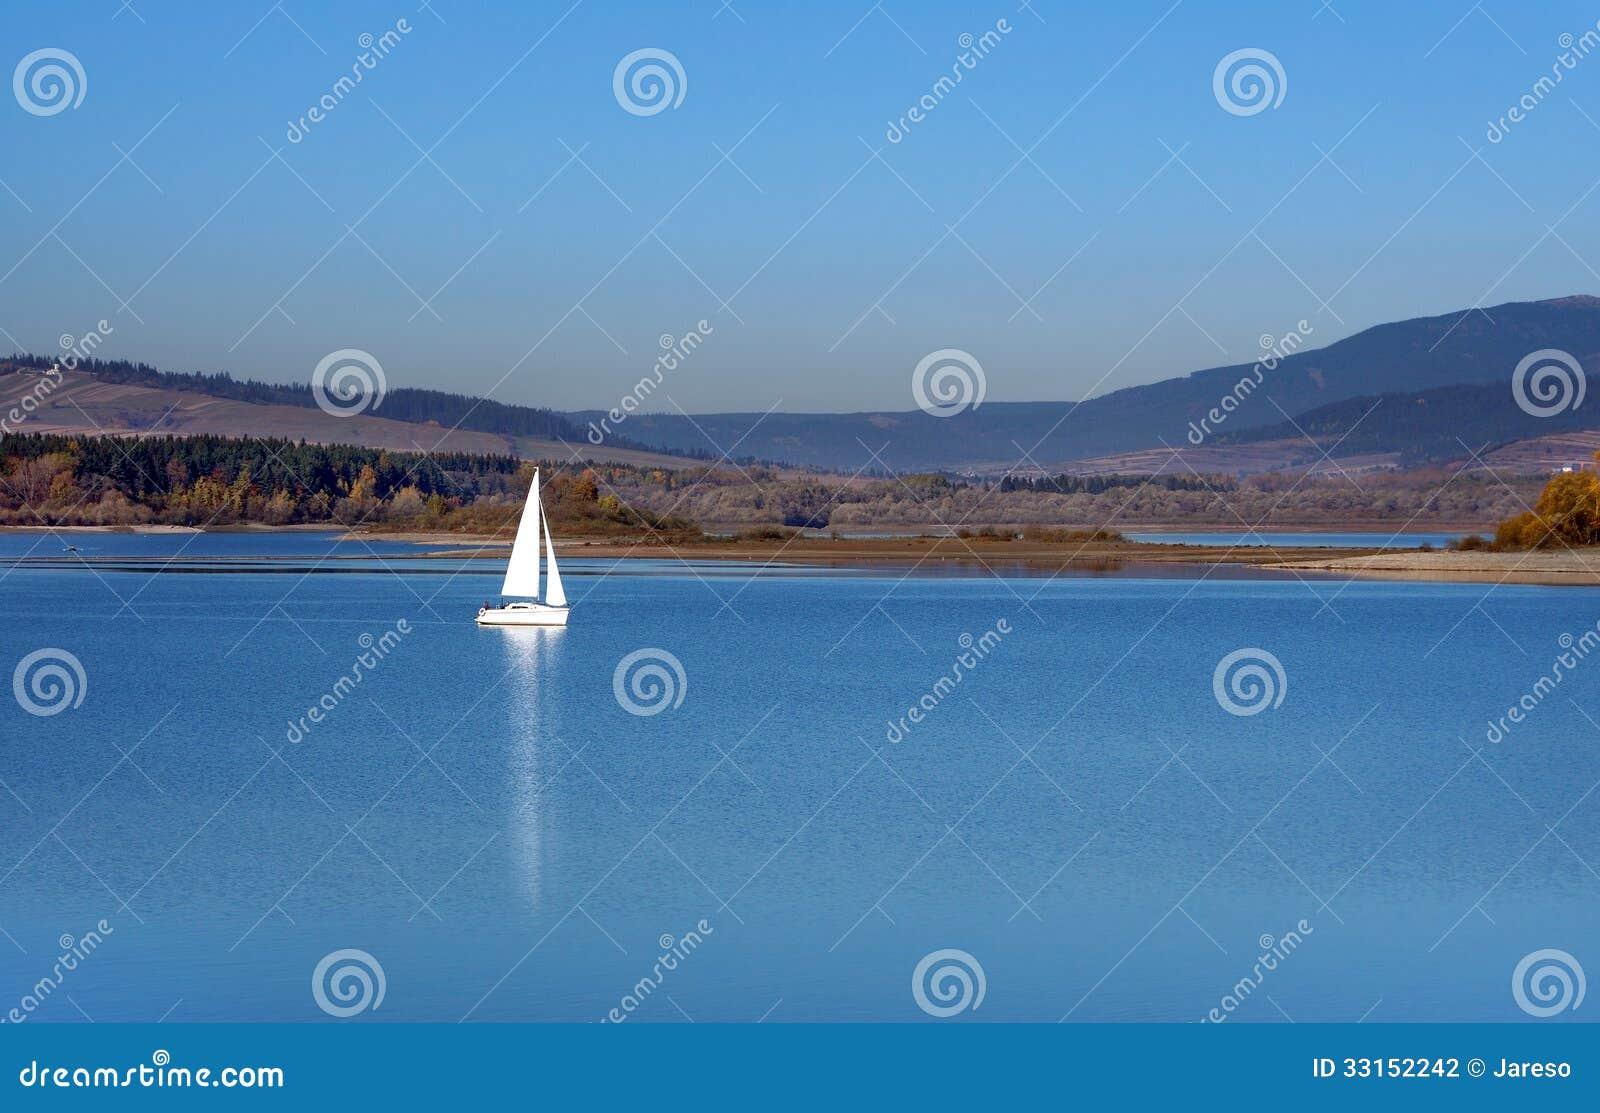 Yacht at Orava reservoir, Slovakia